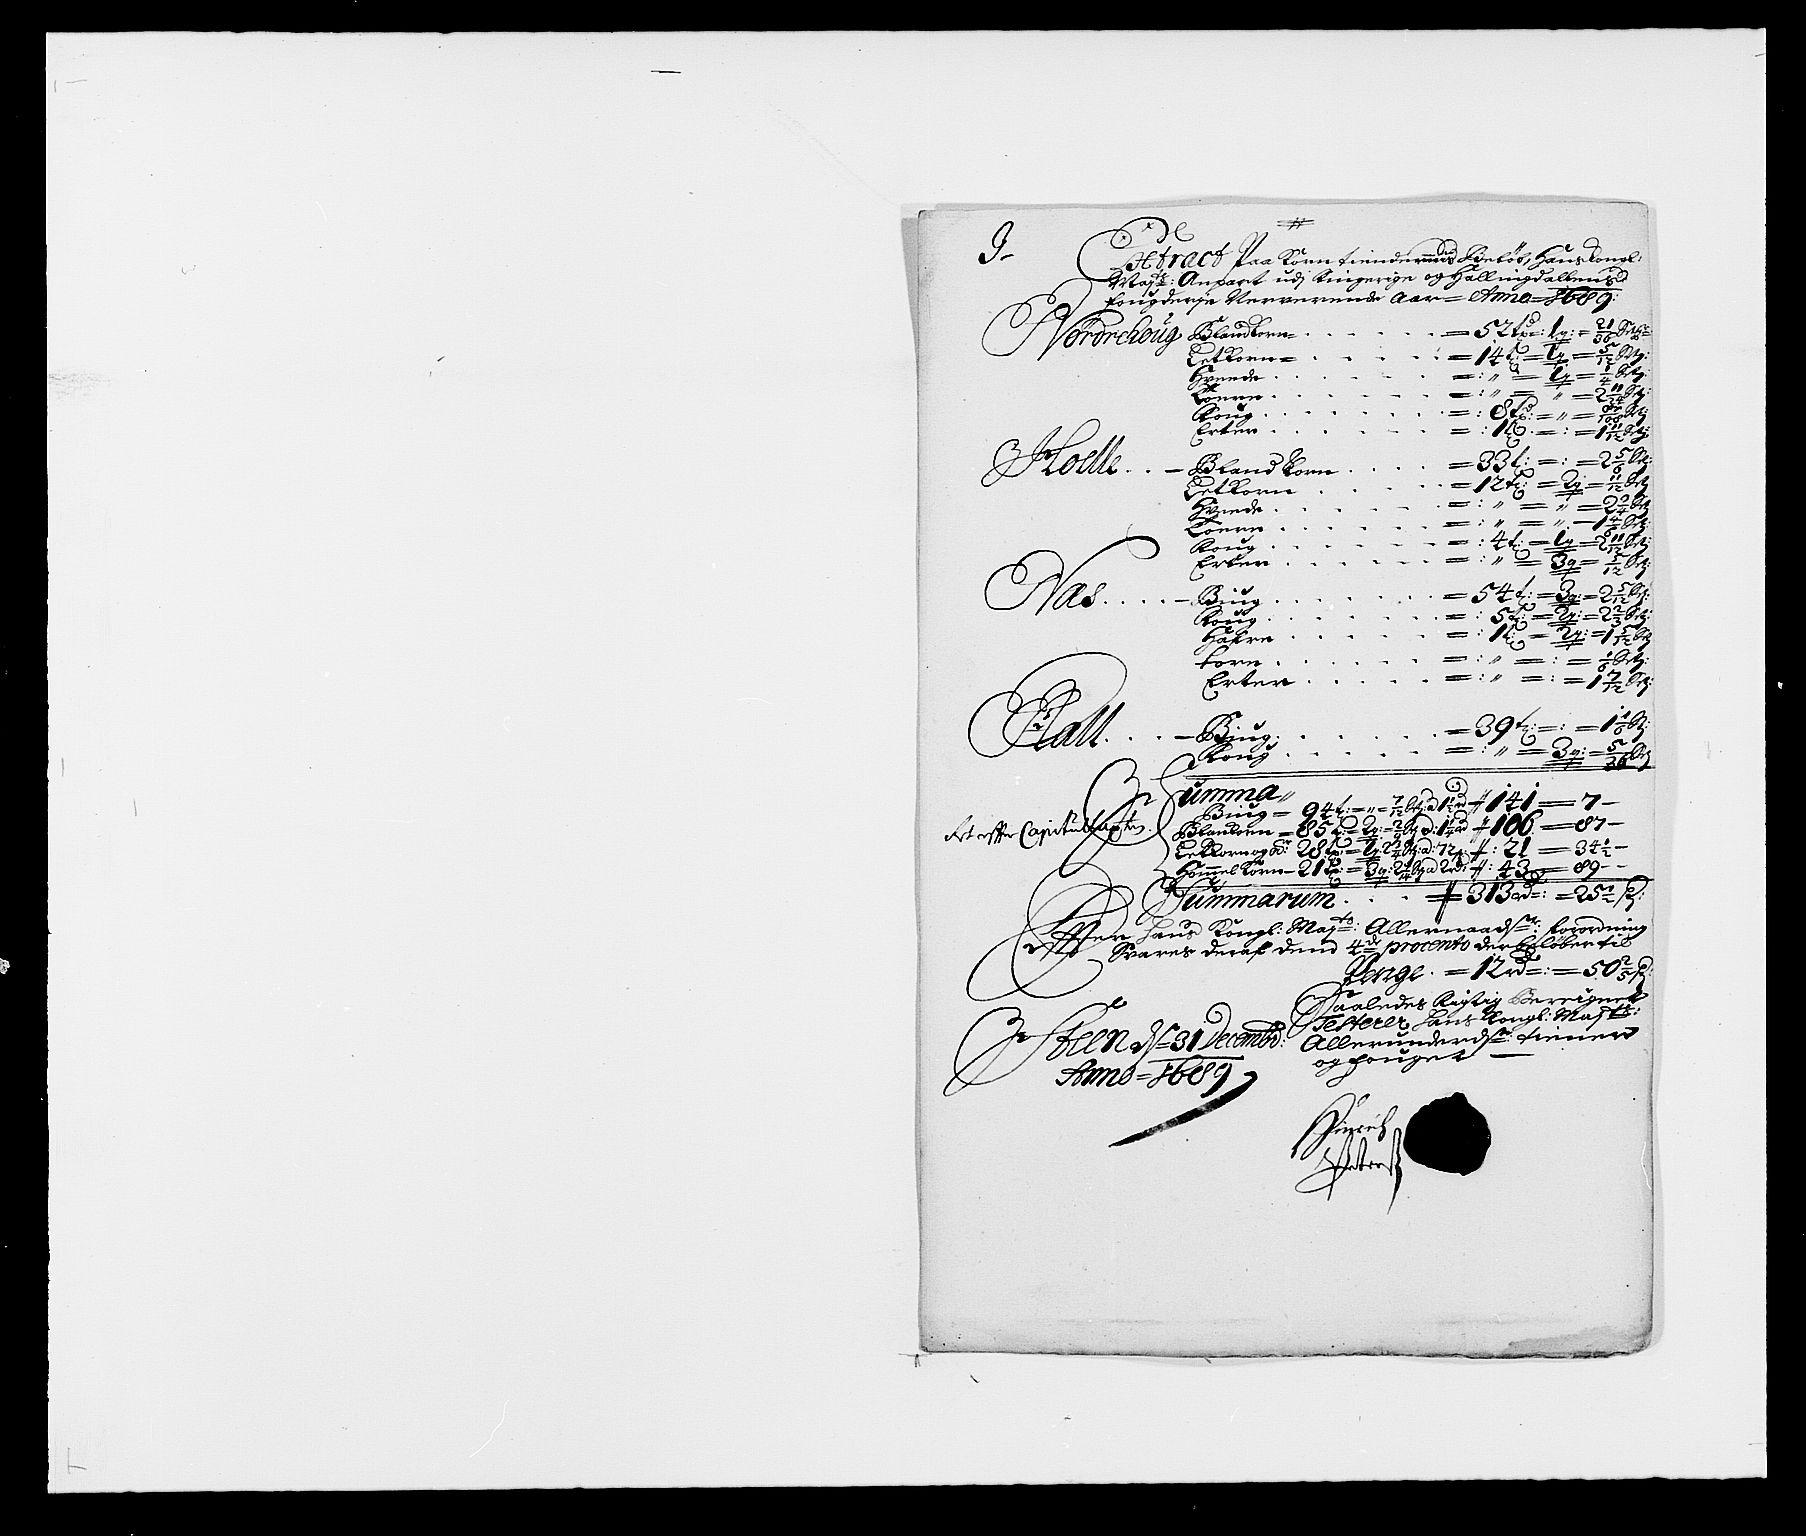 RA, Rentekammeret inntil 1814, Reviderte regnskaper, Fogderegnskap, R21/L1447: Fogderegnskap Ringerike og Hallingdal, 1687-1689, s. 266